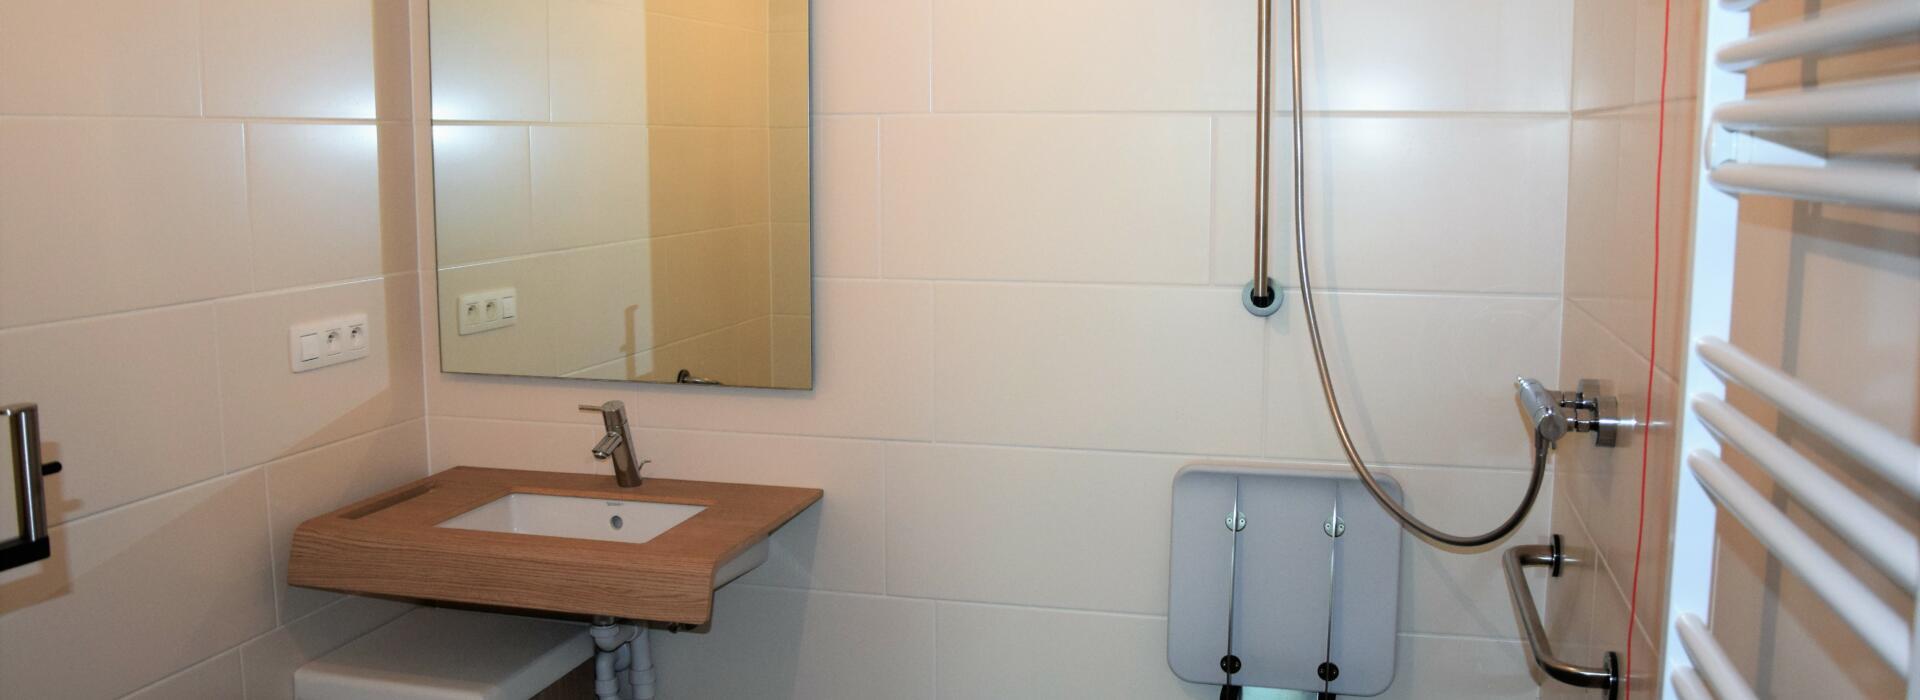 7 badkamer